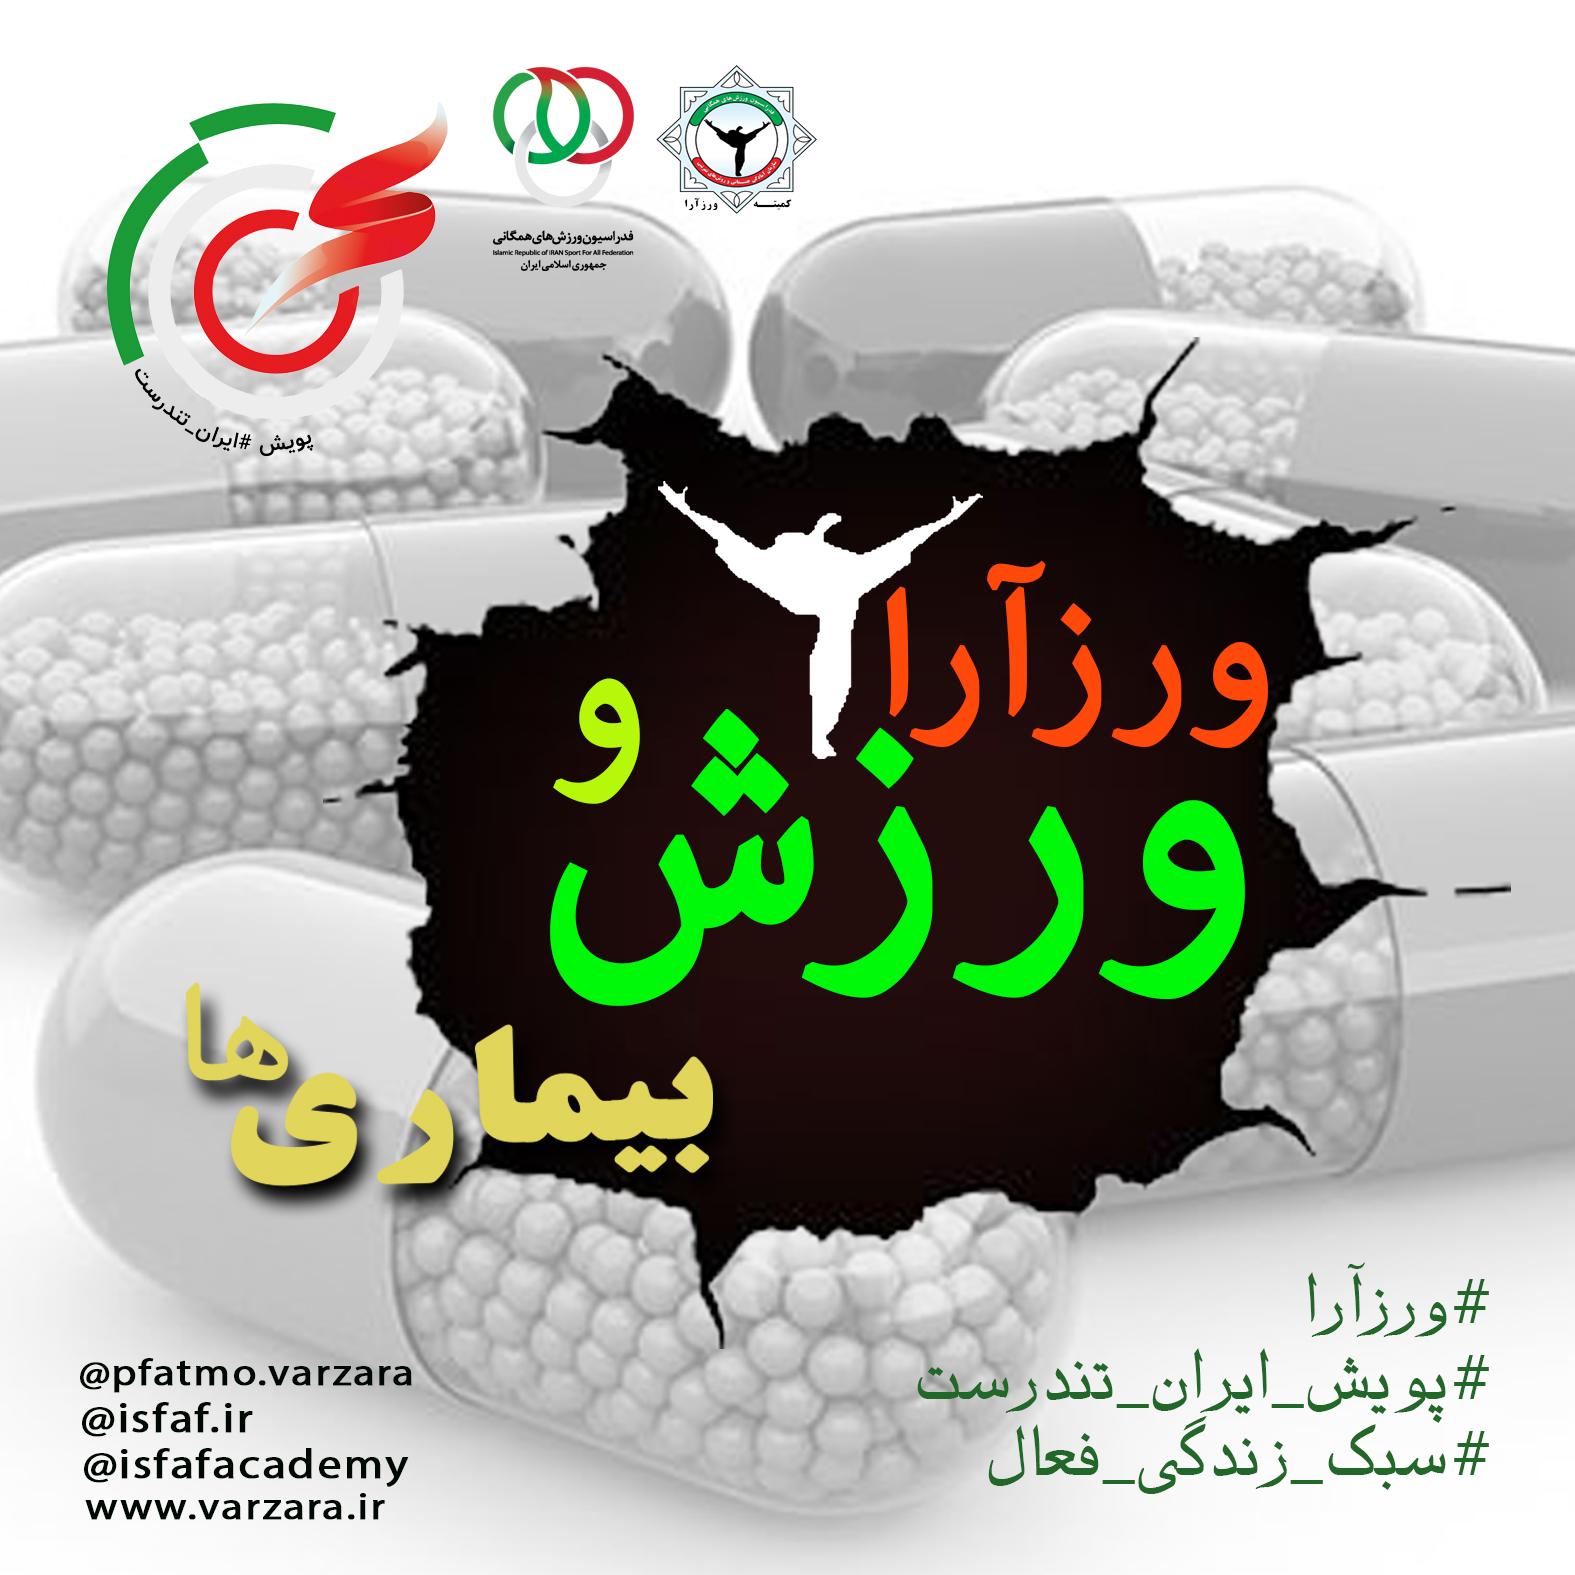 ورزش تحولی ورزآرا و بیماری ها در پویش ایران تندرست